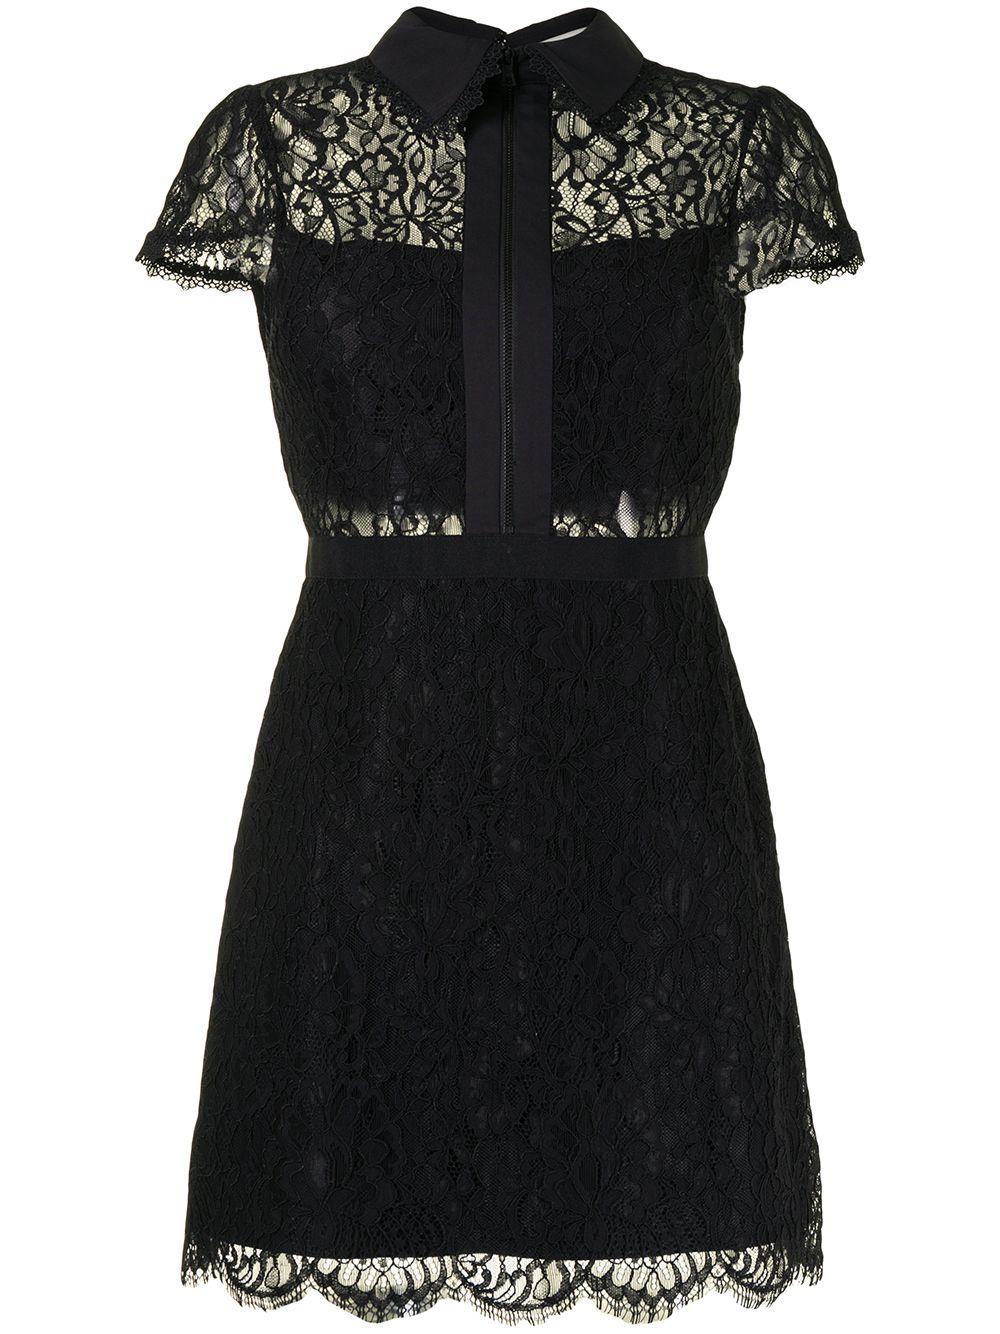 Ellis Lace Dress